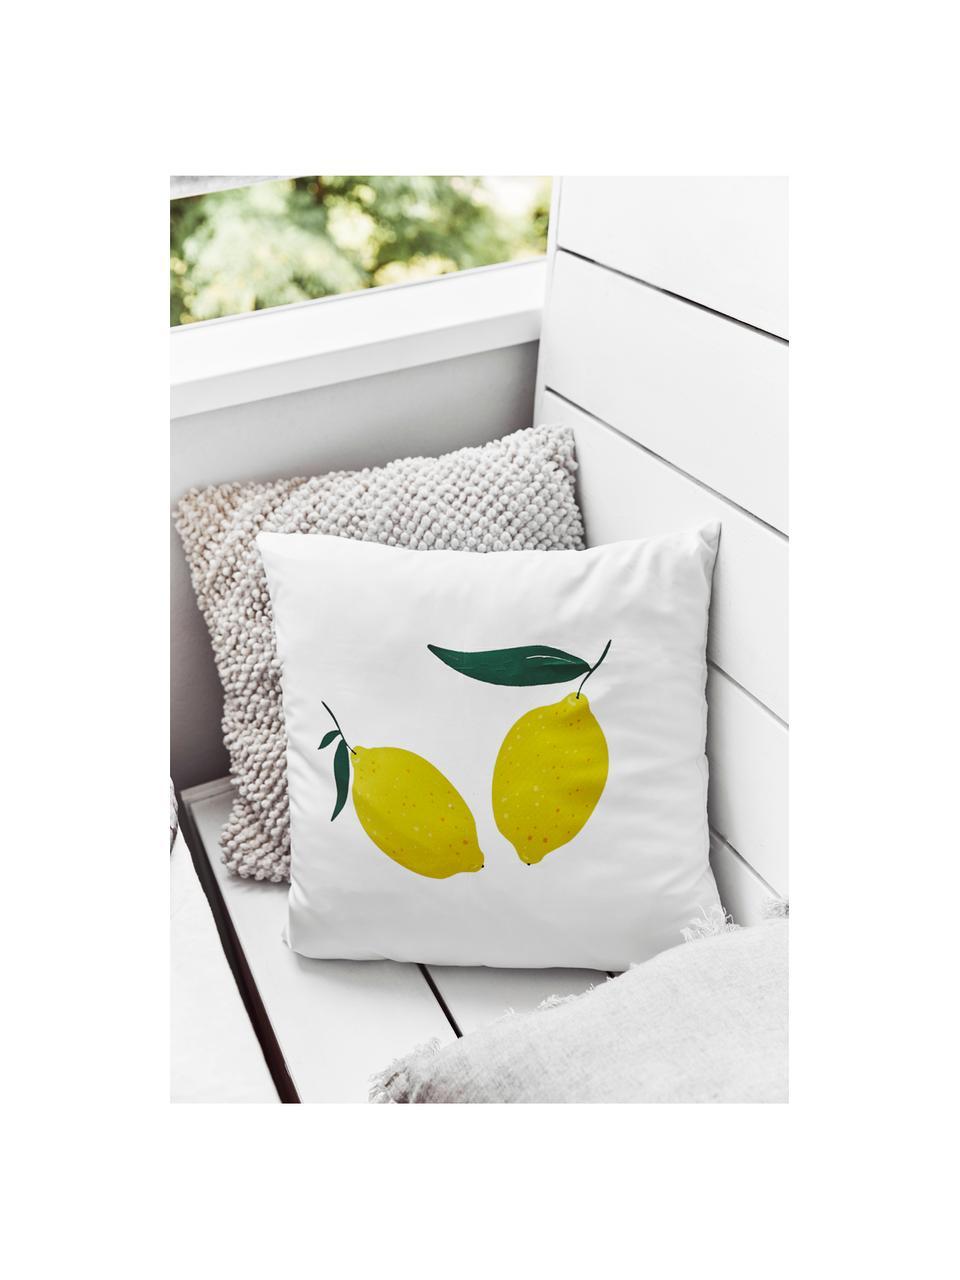 Kissenhülle Lemon mit Zitronen, 100% Polyester, Weiß, Gelb, Grün, 45 x 45 cm